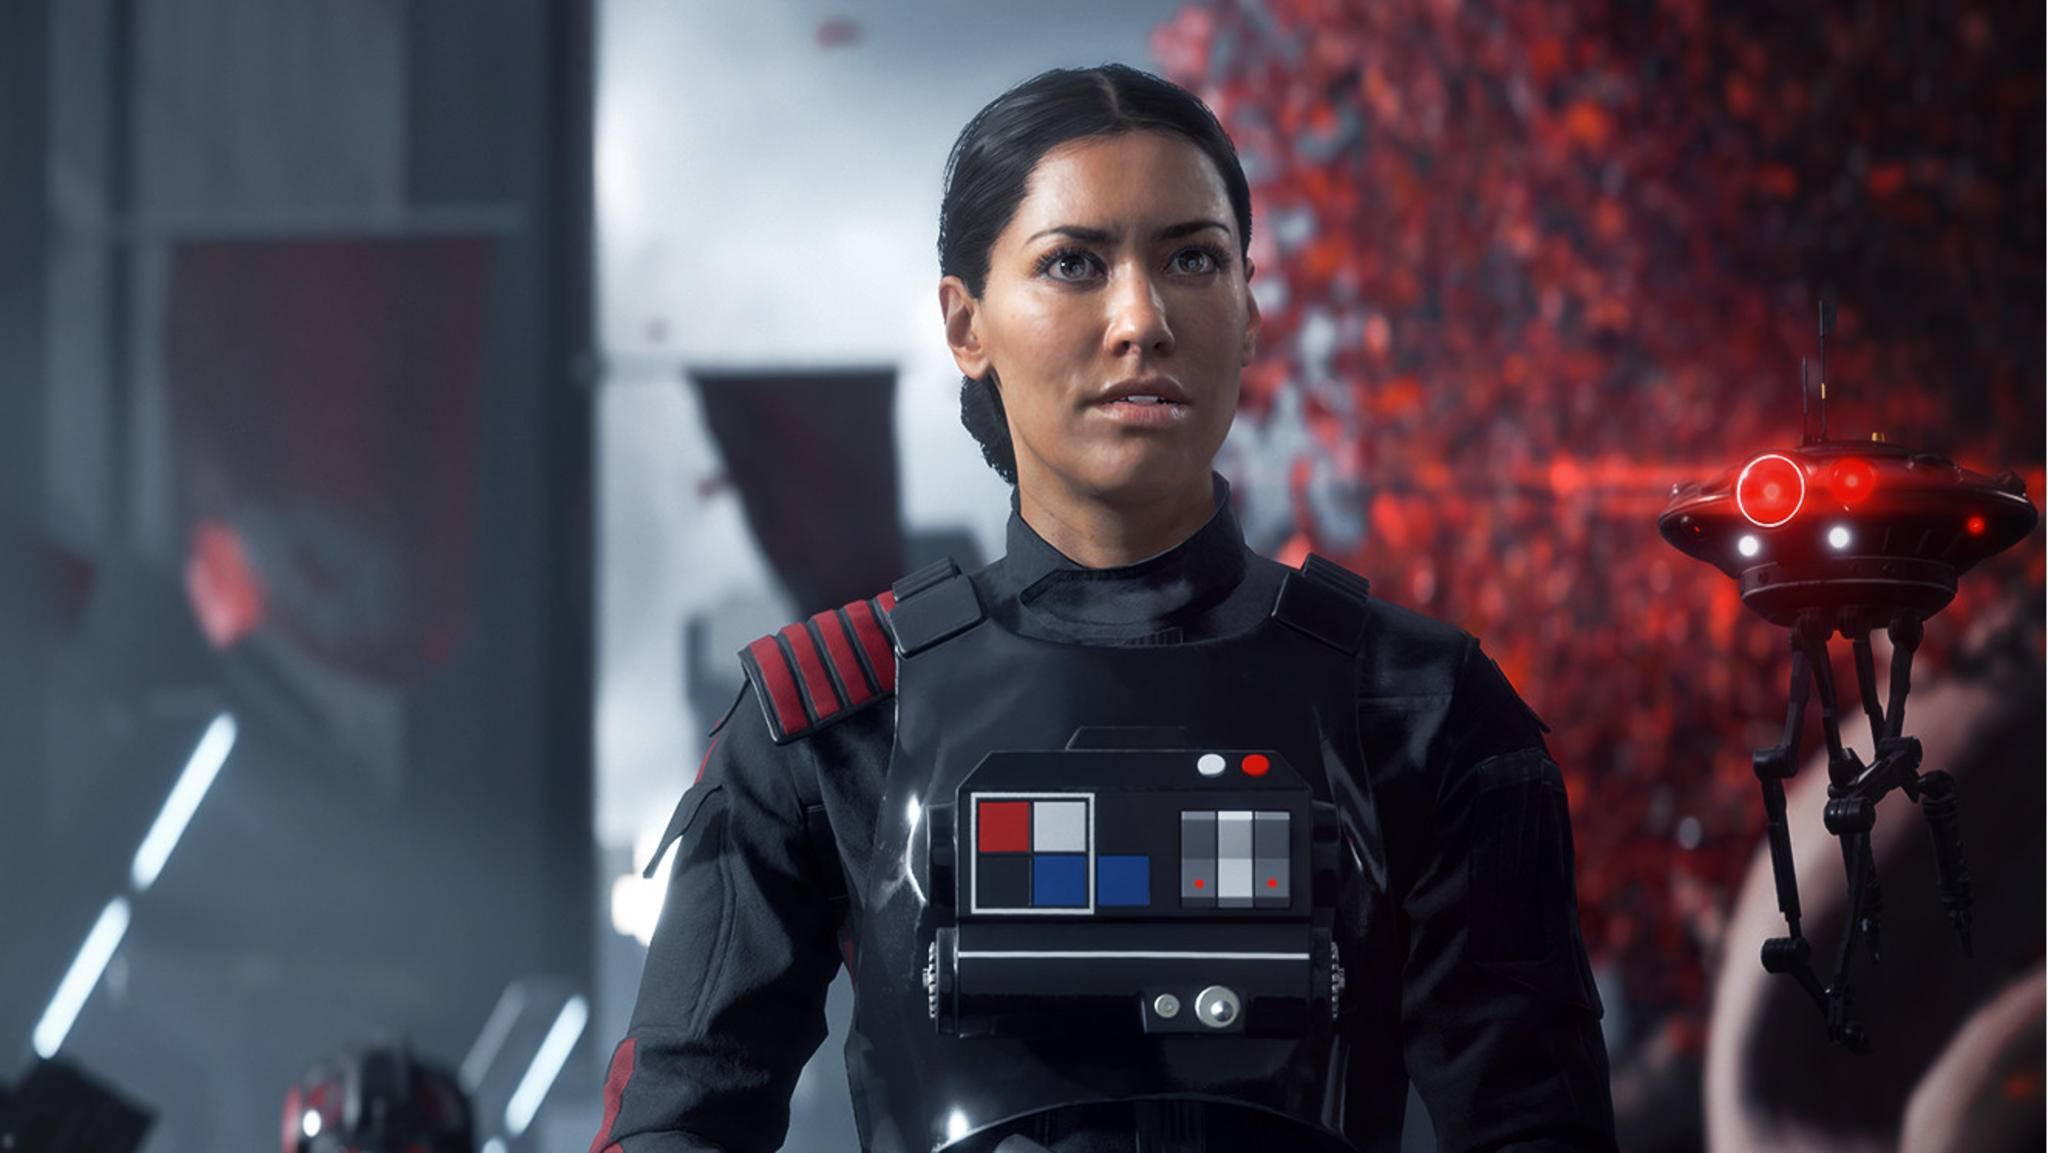 """In der Singleplayer-Kampagne von """"Star Wars: Battlefront 2"""" spielst Du die Soldatin Iden Version – und kannst mit ihr spezielle Sammelobjekte einheimsen."""